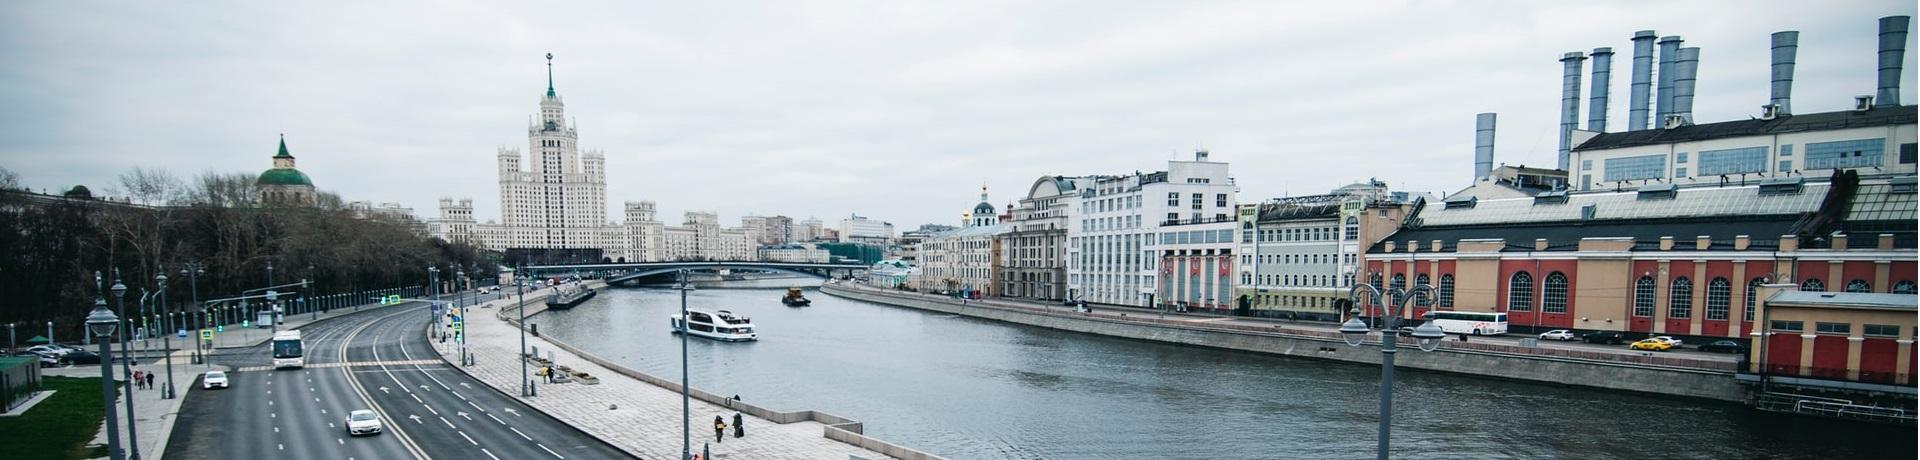 Доставка грузов из Риги в Москву